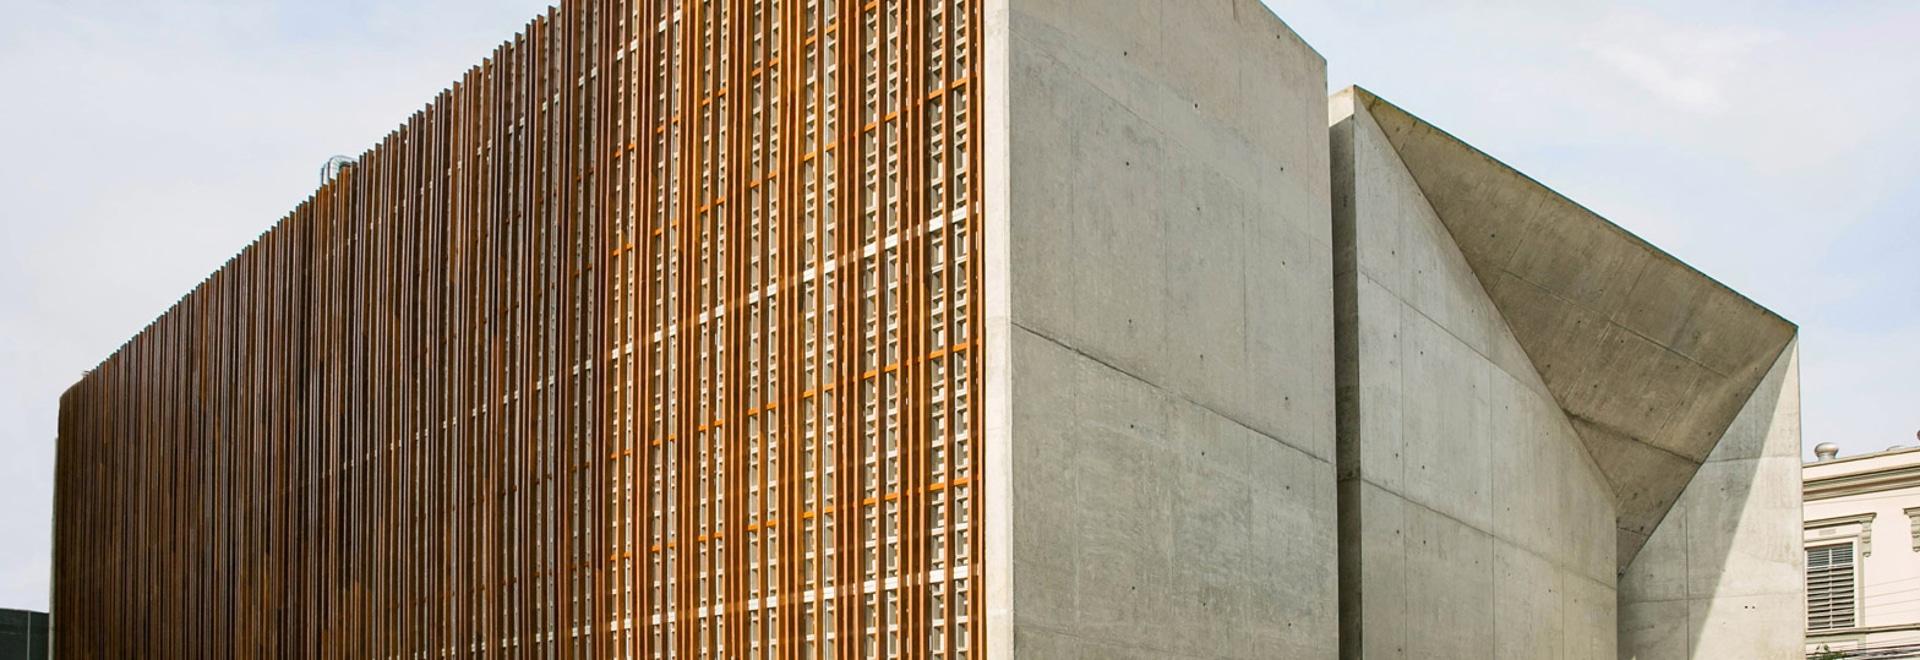 Centro cultural brasileño concreto y enrejado tallado del marco de ...